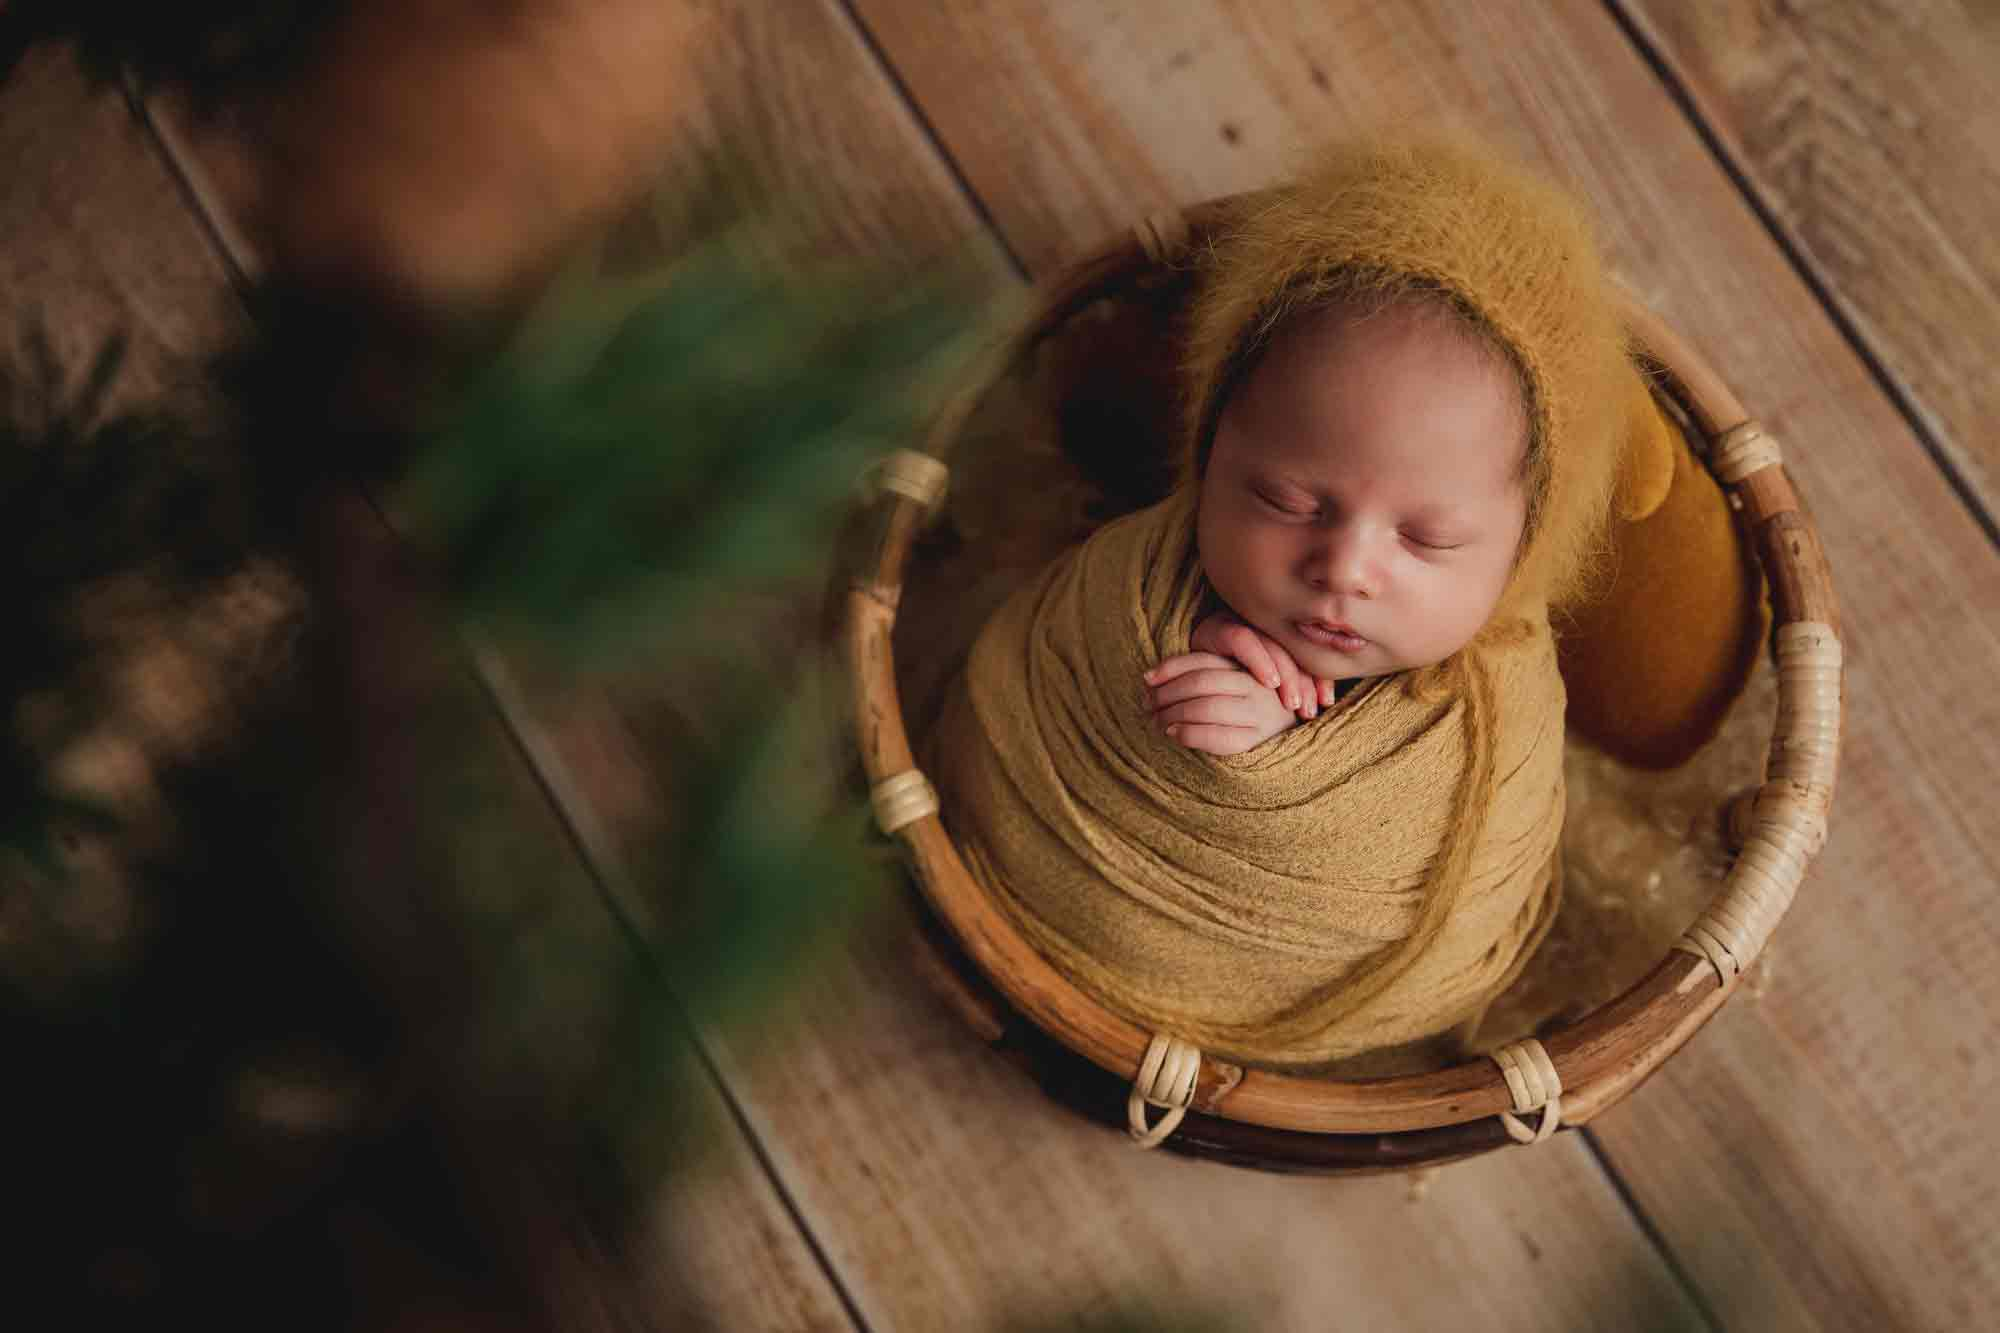 sergio-moreno-fabrica-de-suenos--cursos-de-fotografia-de-recien-nacidos-newborns-fotofest7